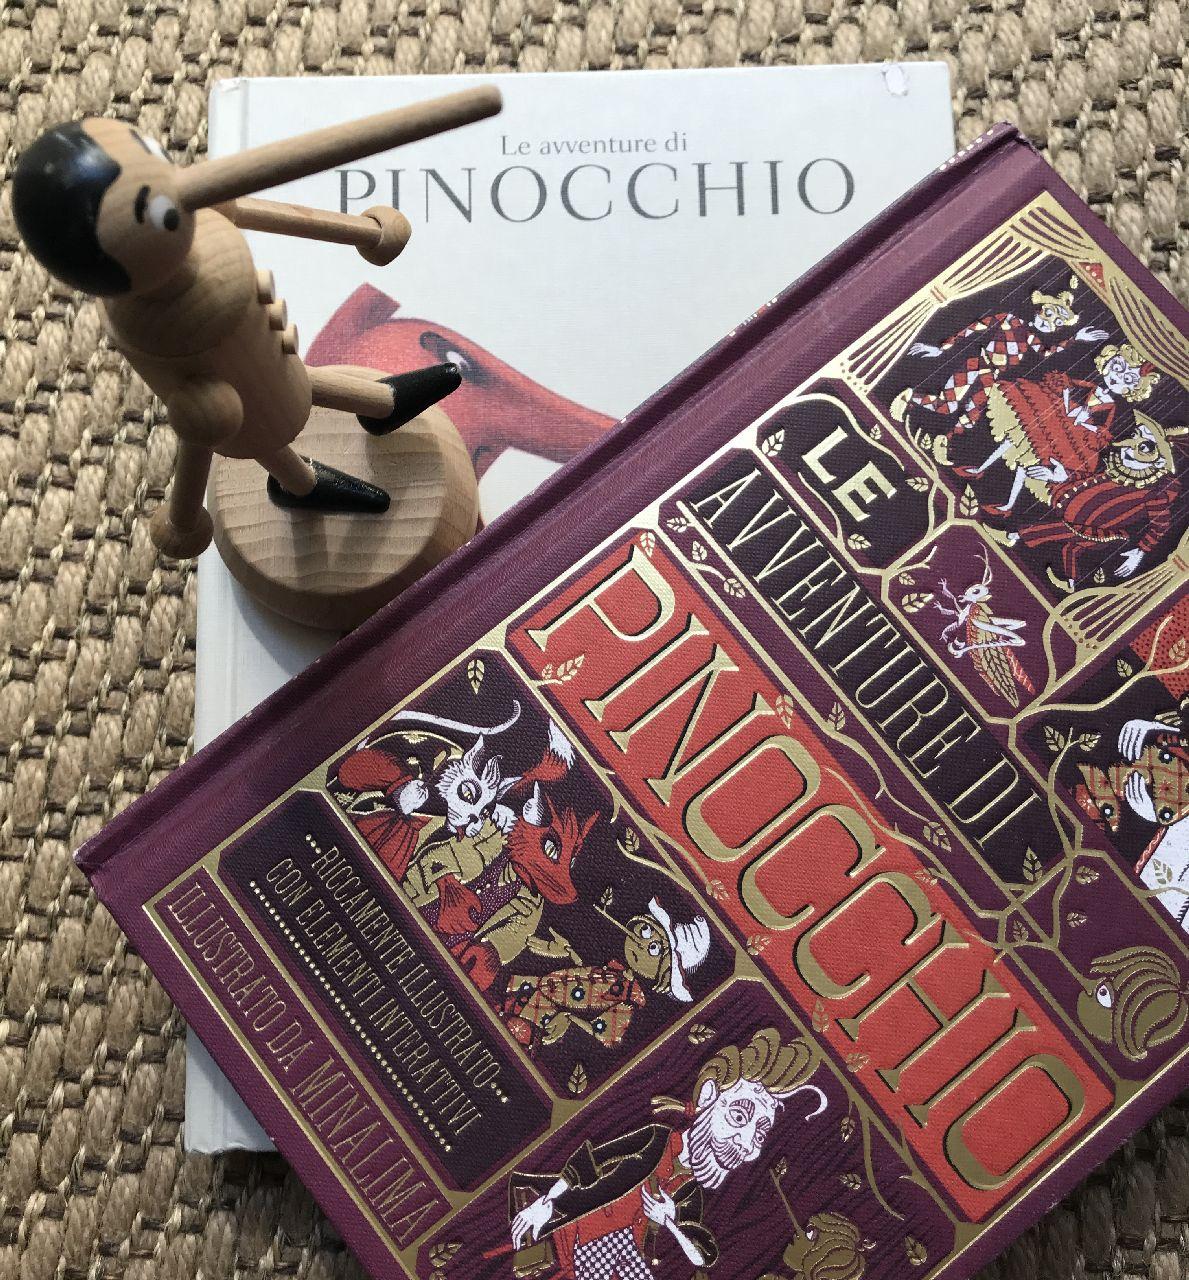 Carlo Collodi, Le avventure di Pinocchio